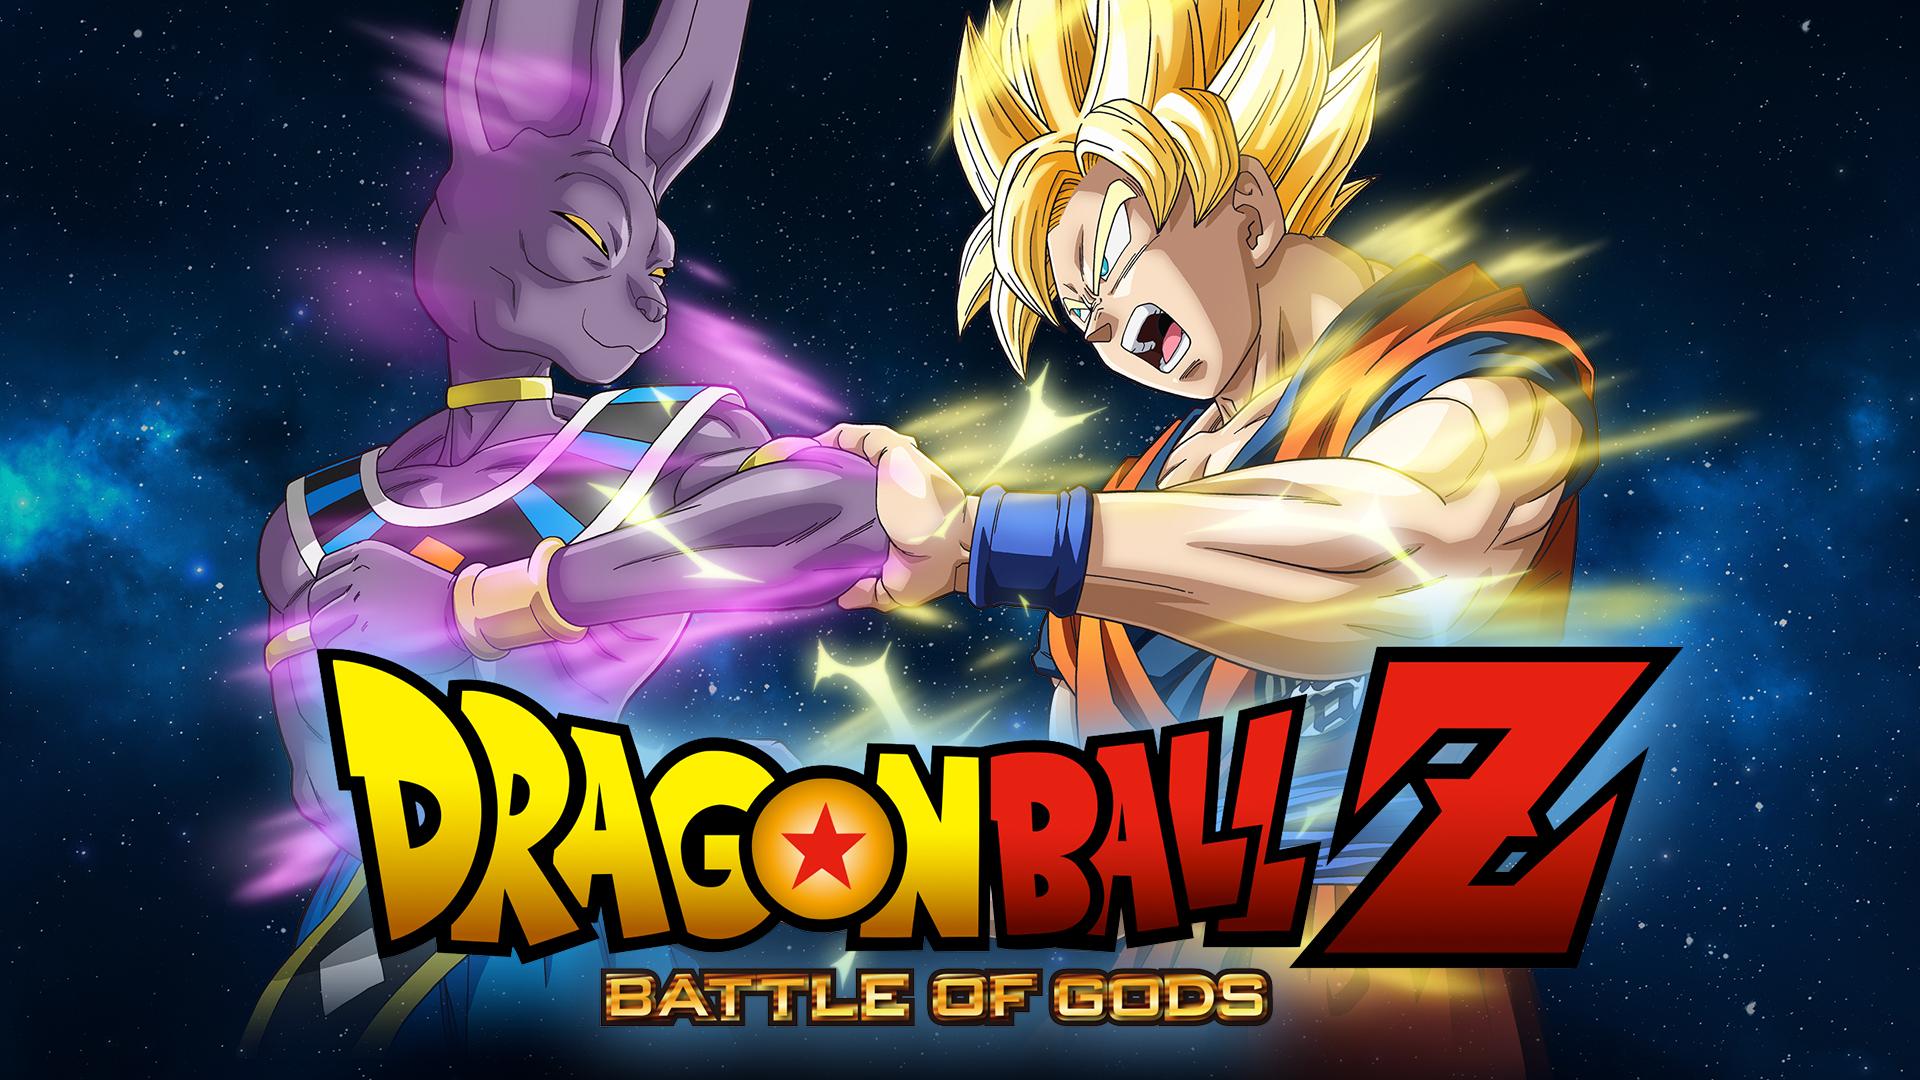 battle of gods 2 full movie online free